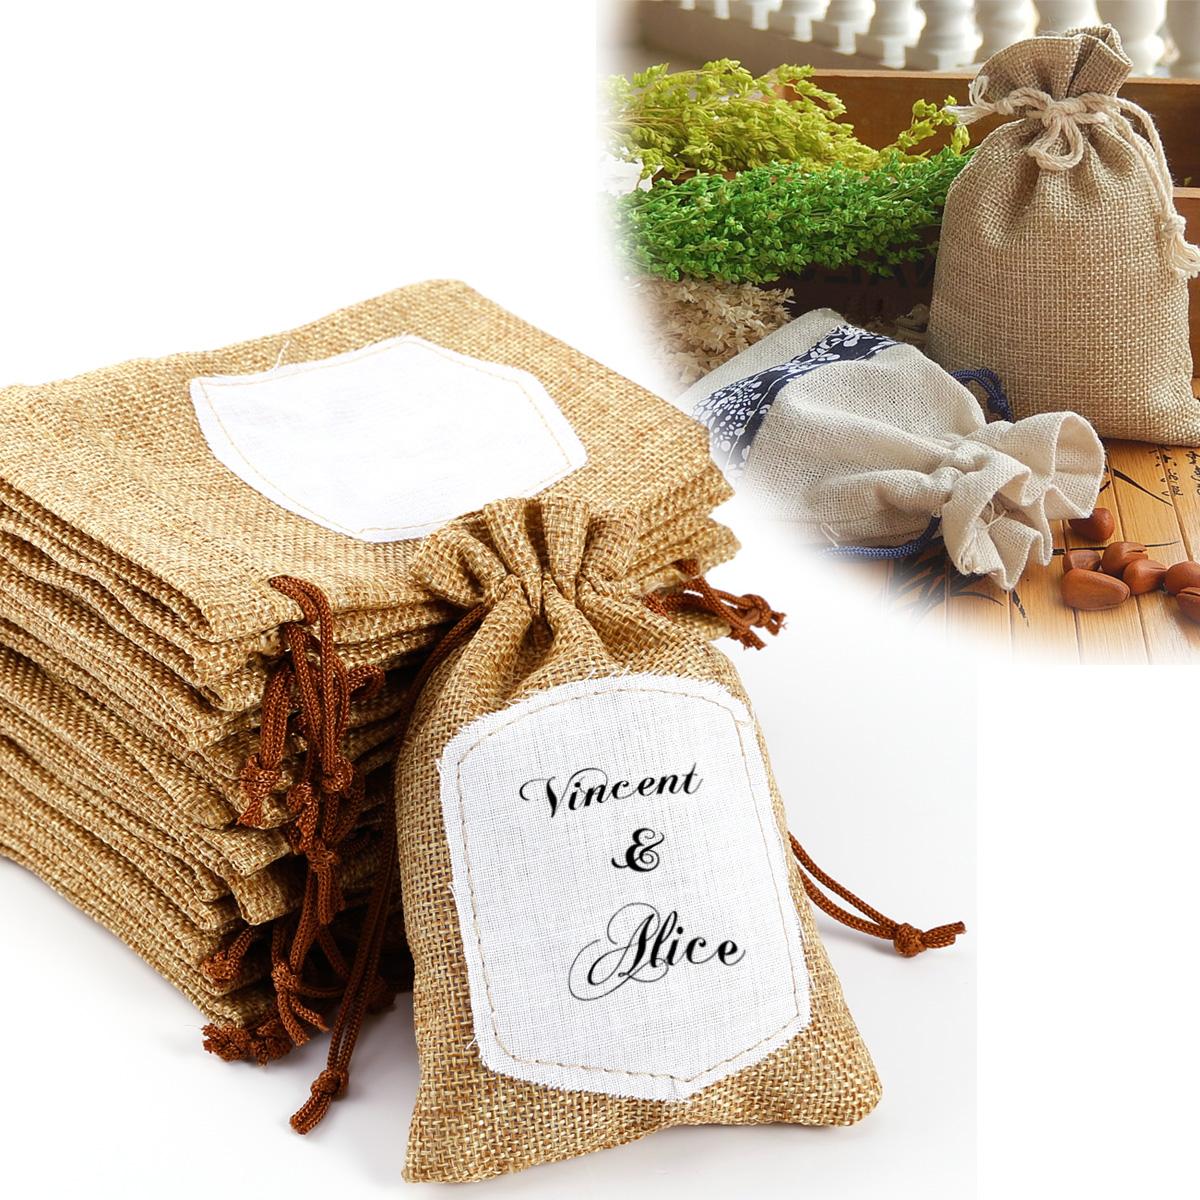 20pcs bolsa de organza bolsitas de tela de saco para - Telas para decorar ...